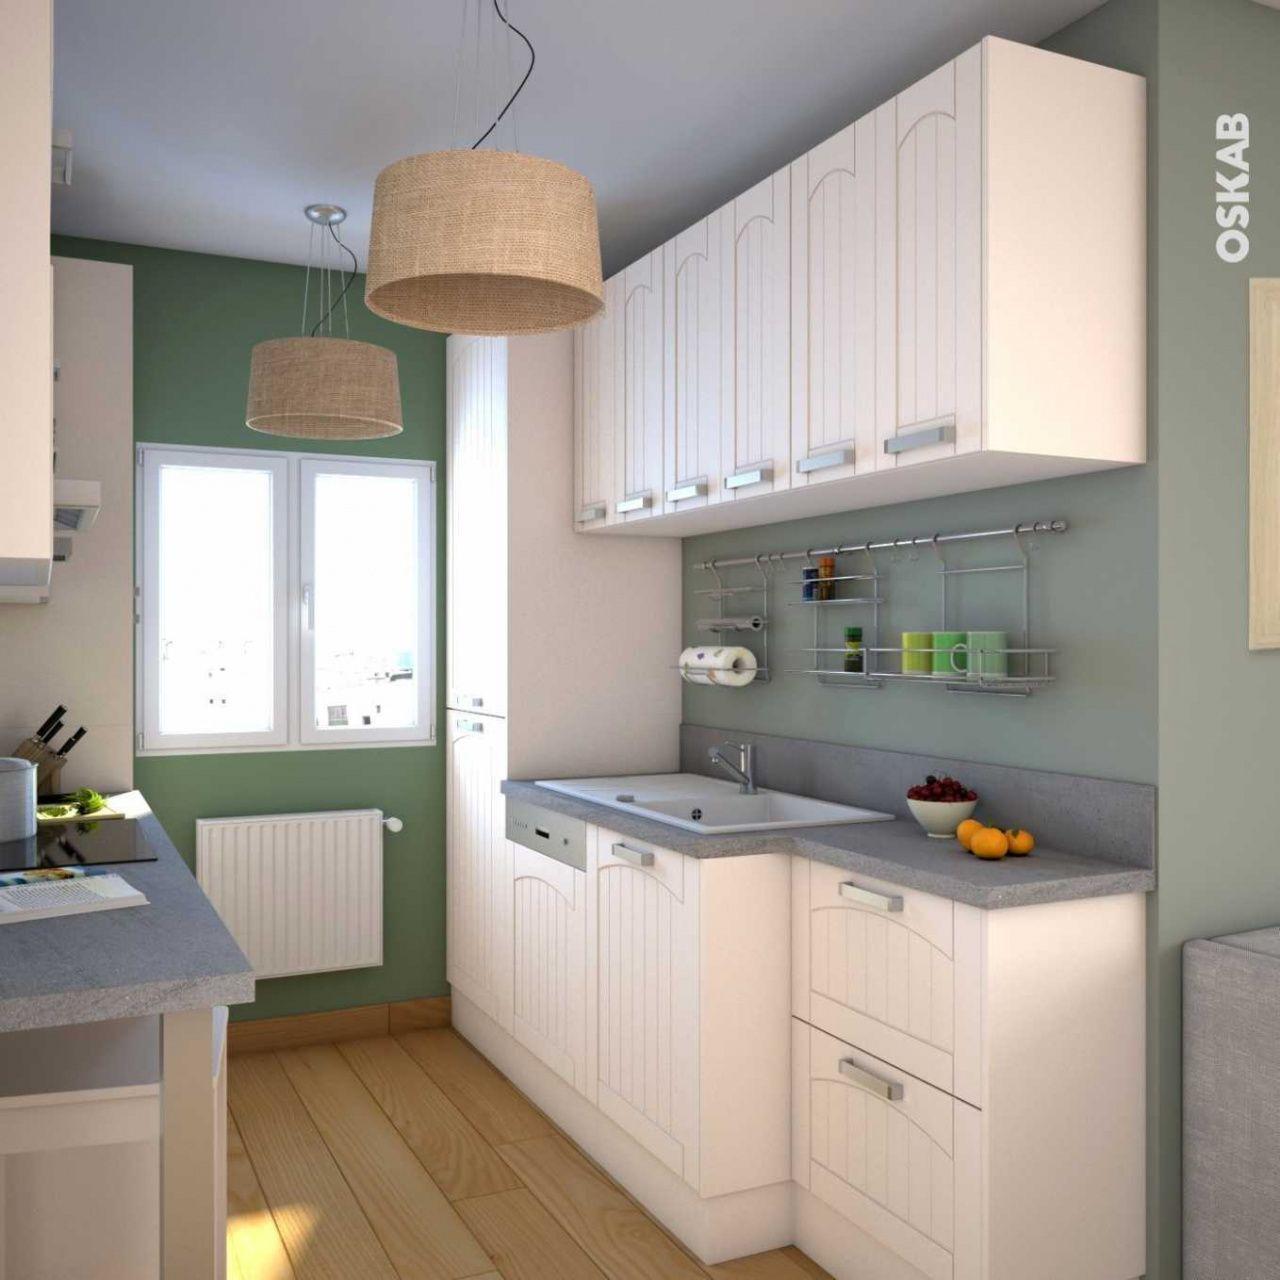 70 Facade Cuisine Ikea Faktum Cuisine Design In 2019 Pinterest